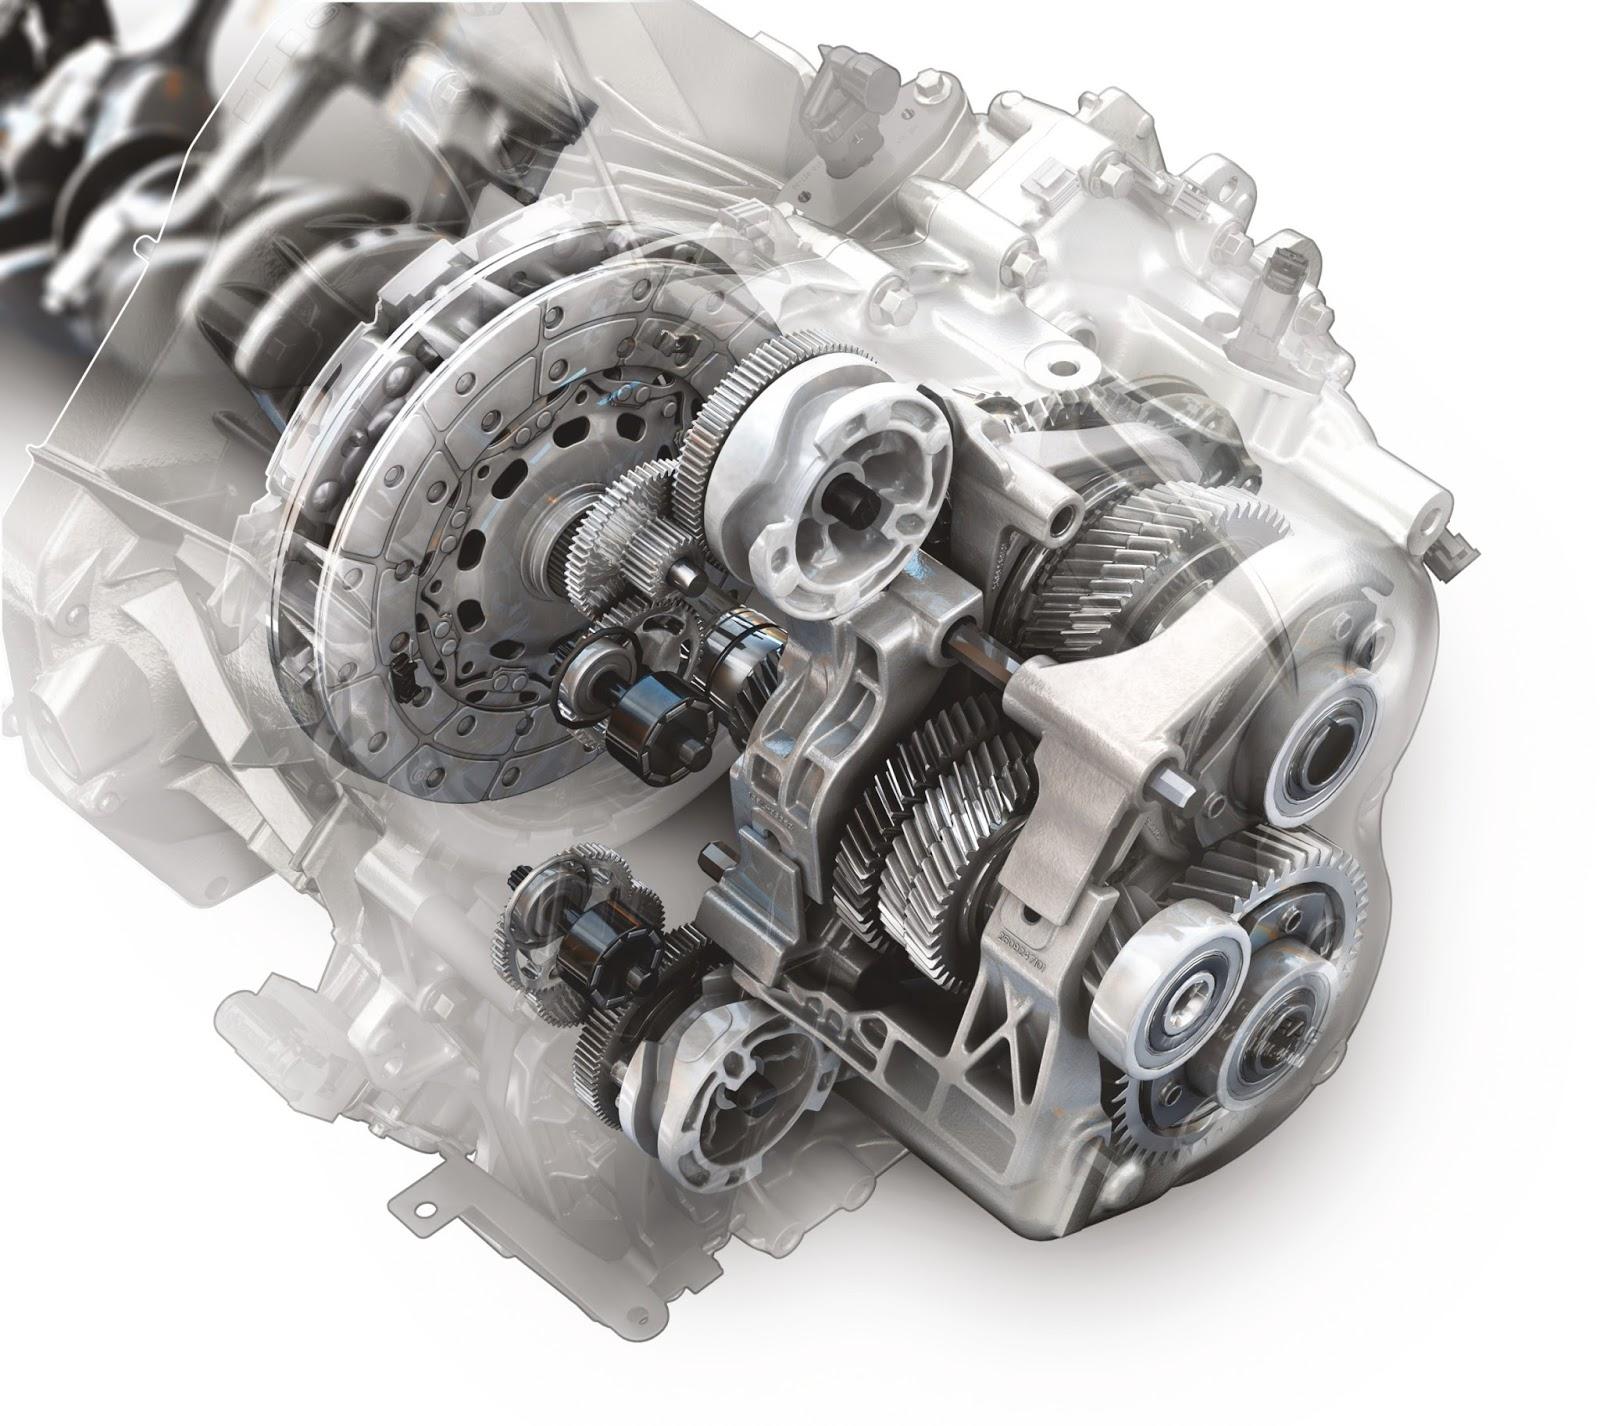 EDC2B252832529 Αυτόματο διπλού συμπλέκτη σε όλα τα Renault! Renault, Renault Megane RS, zblog